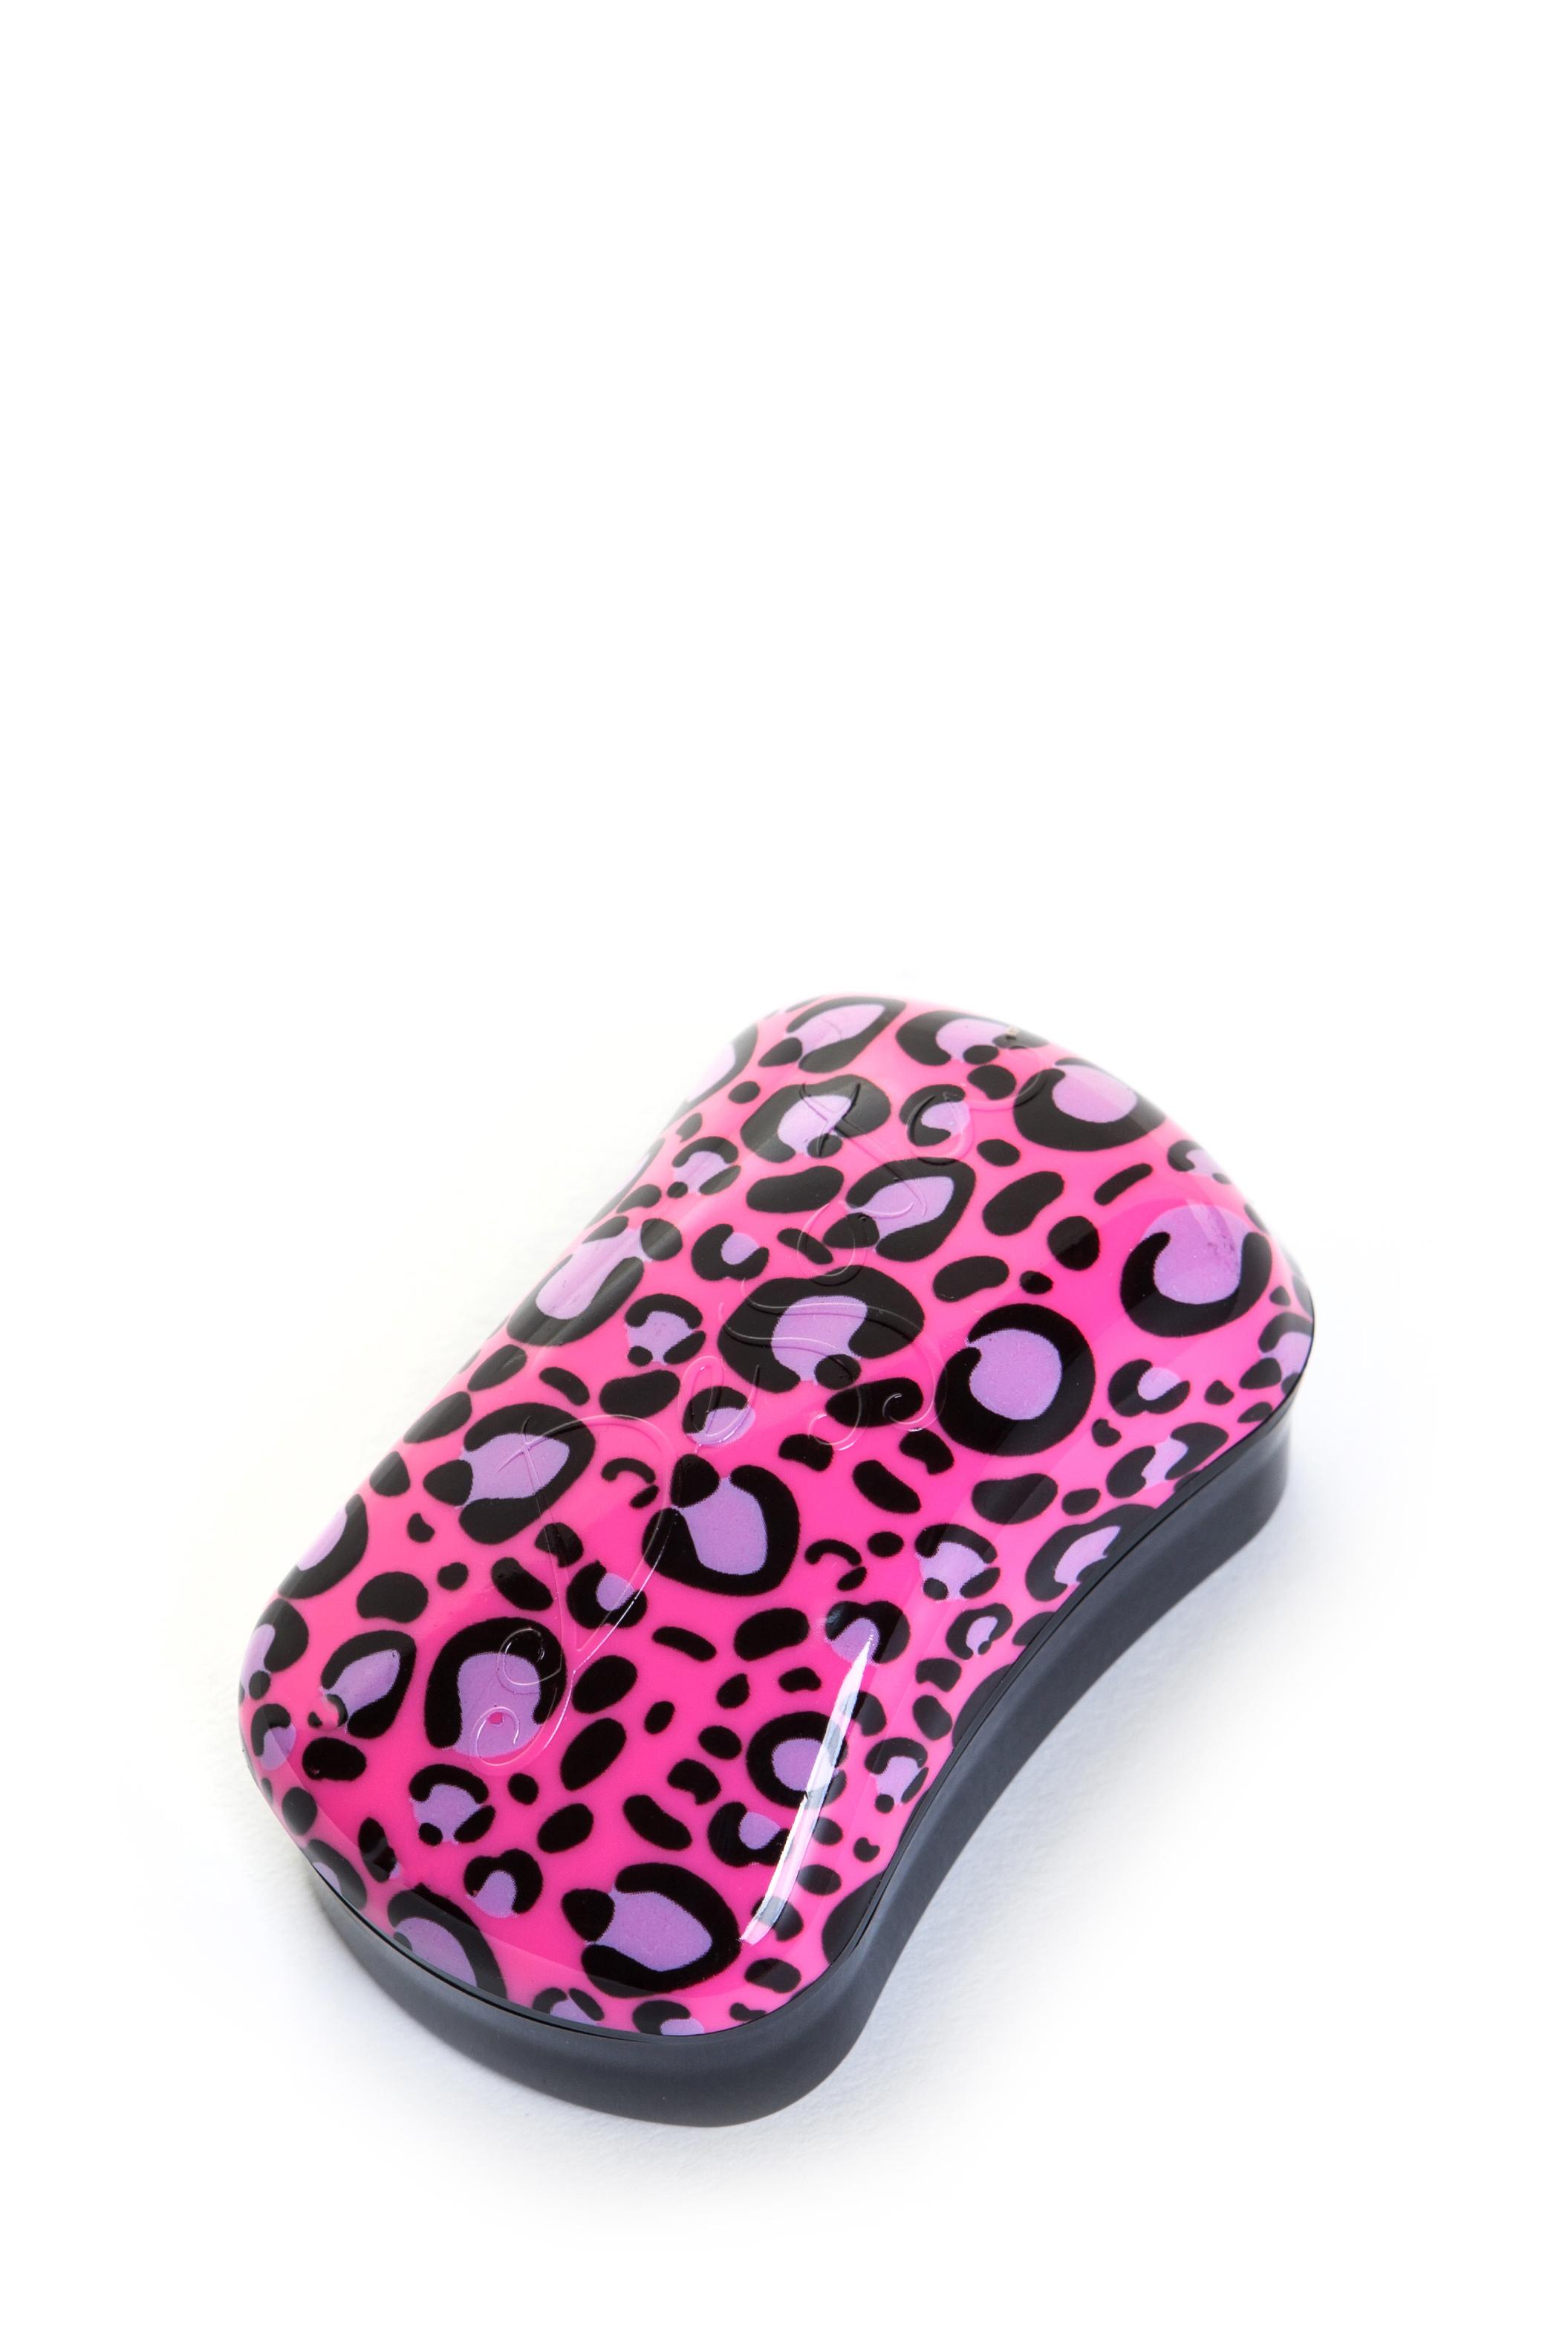 DESSATA Расческа для волос Dessata Hair Brush Mini Leopard; Леопард